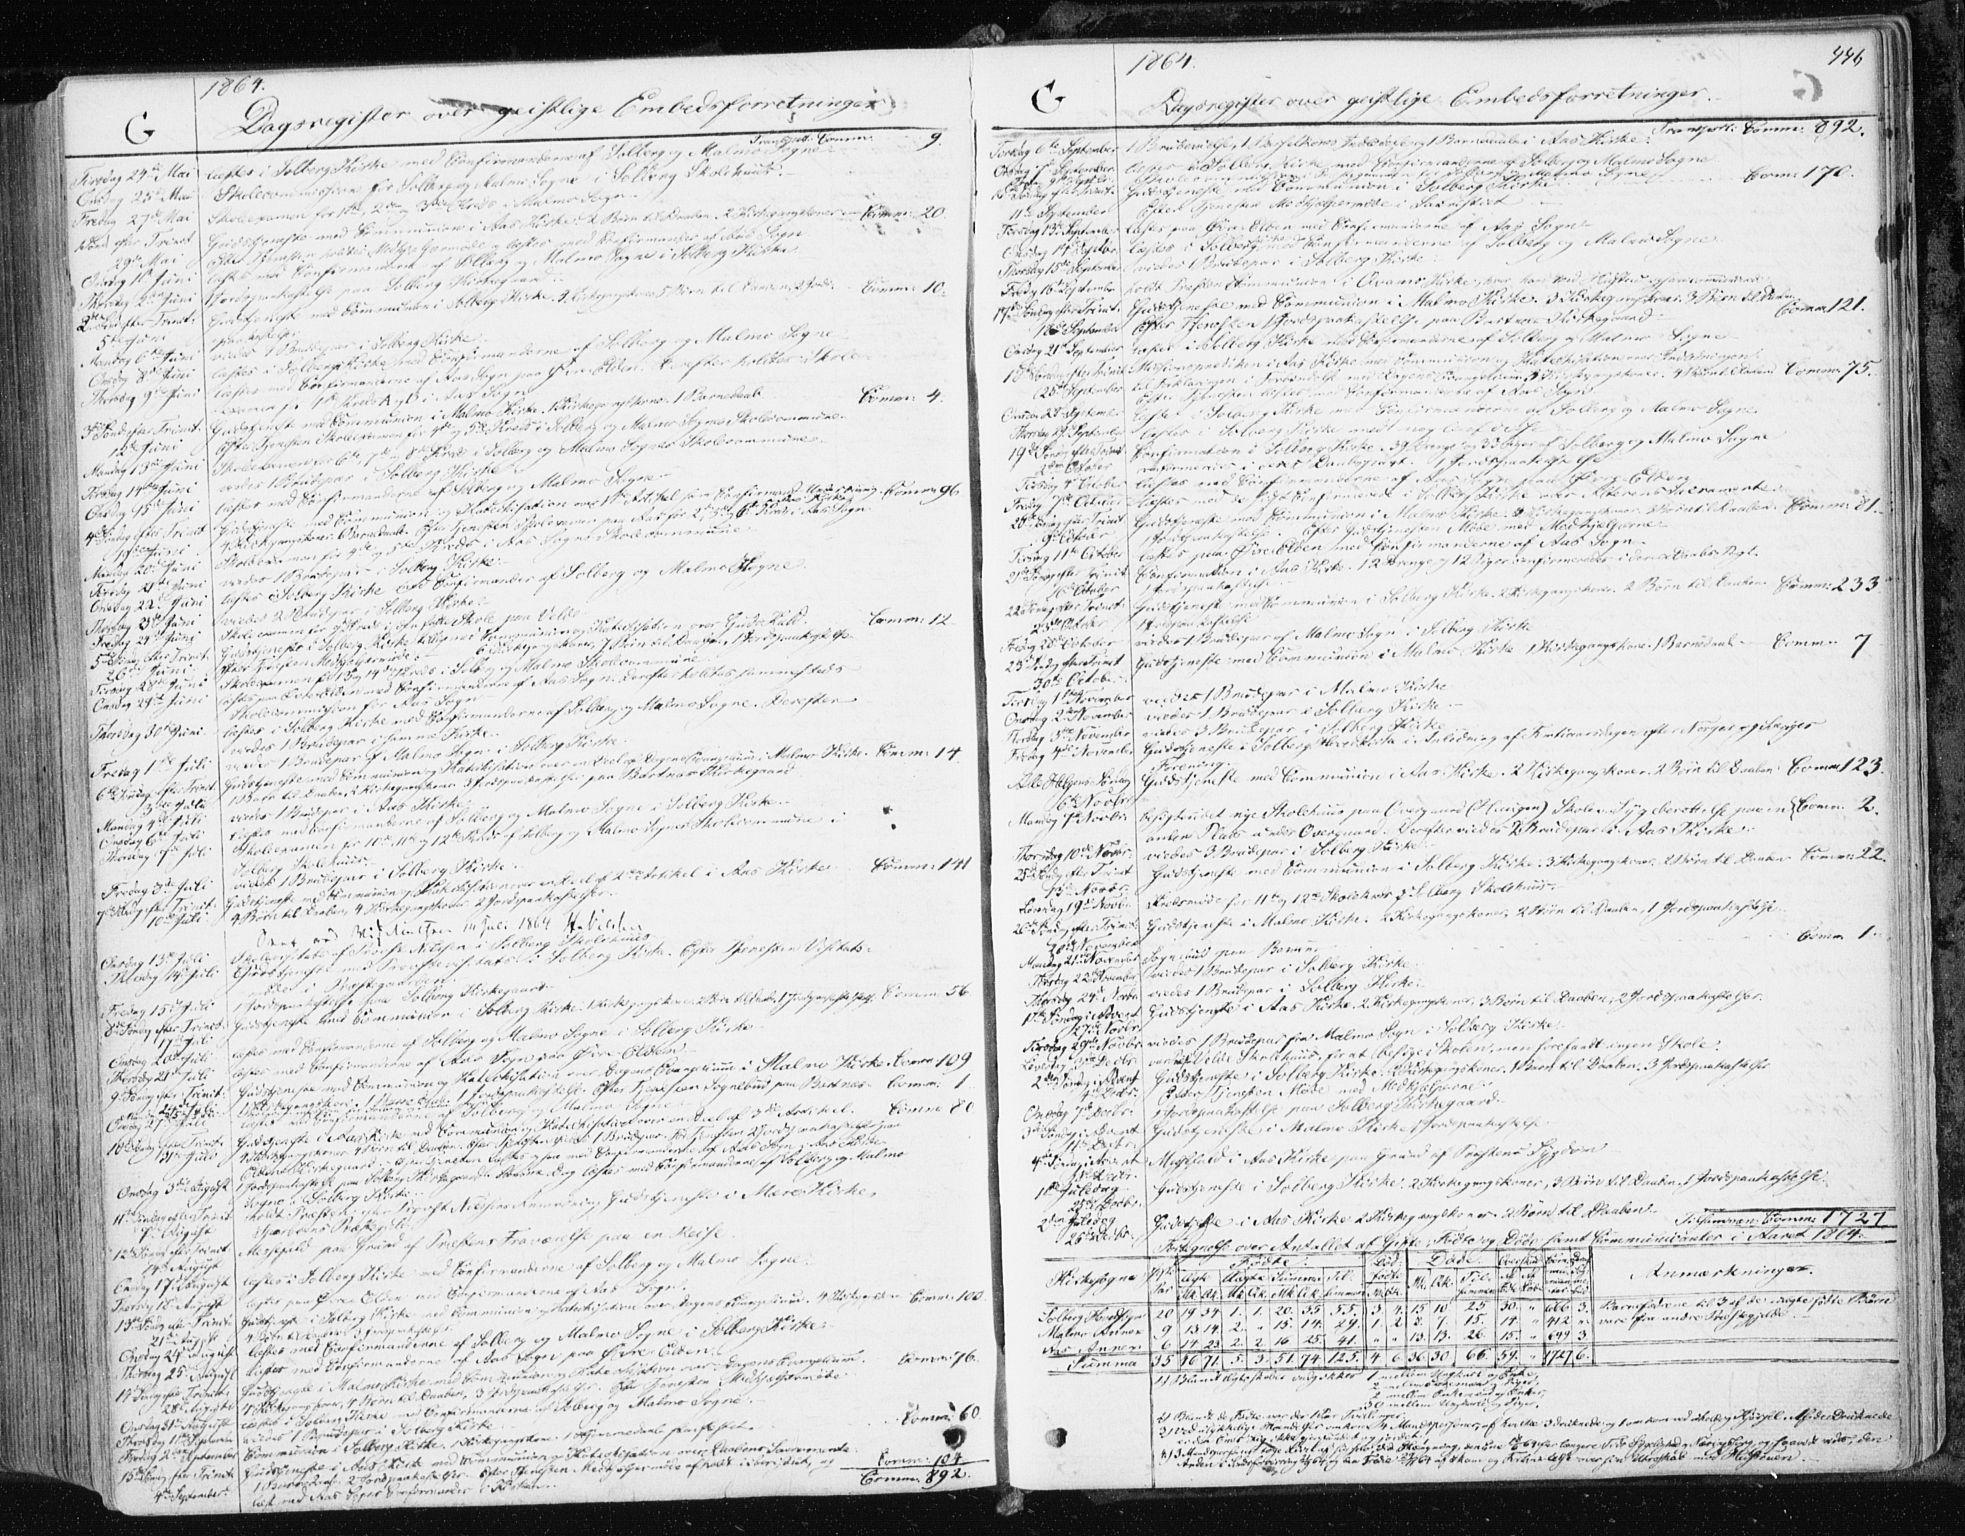 SAT, Ministerialprotokoller, klokkerbøker og fødselsregistre - Nord-Trøndelag, 741/L0394: Ministerialbok nr. 741A08, 1864-1877, s. 446